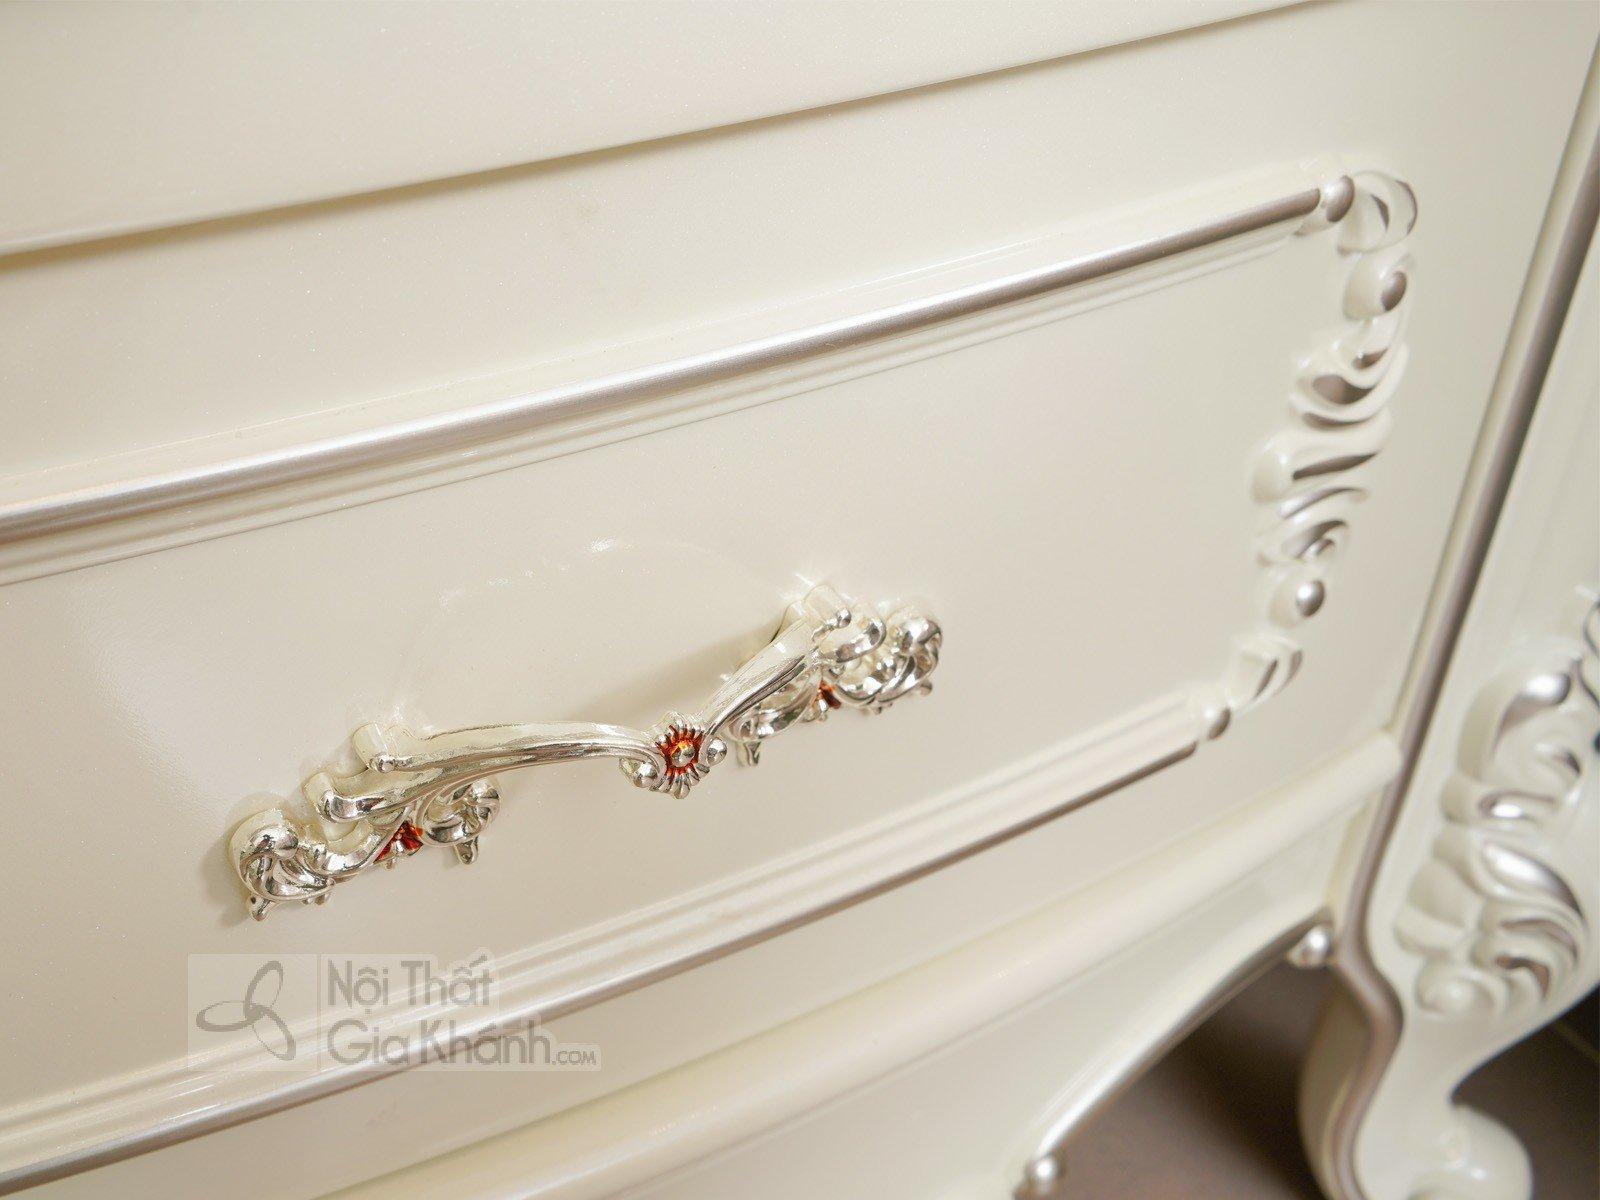 Táp đầu giường phong cách Pháp H8802B - tap dau giuong tan co dien H8802B 580x400x603 3